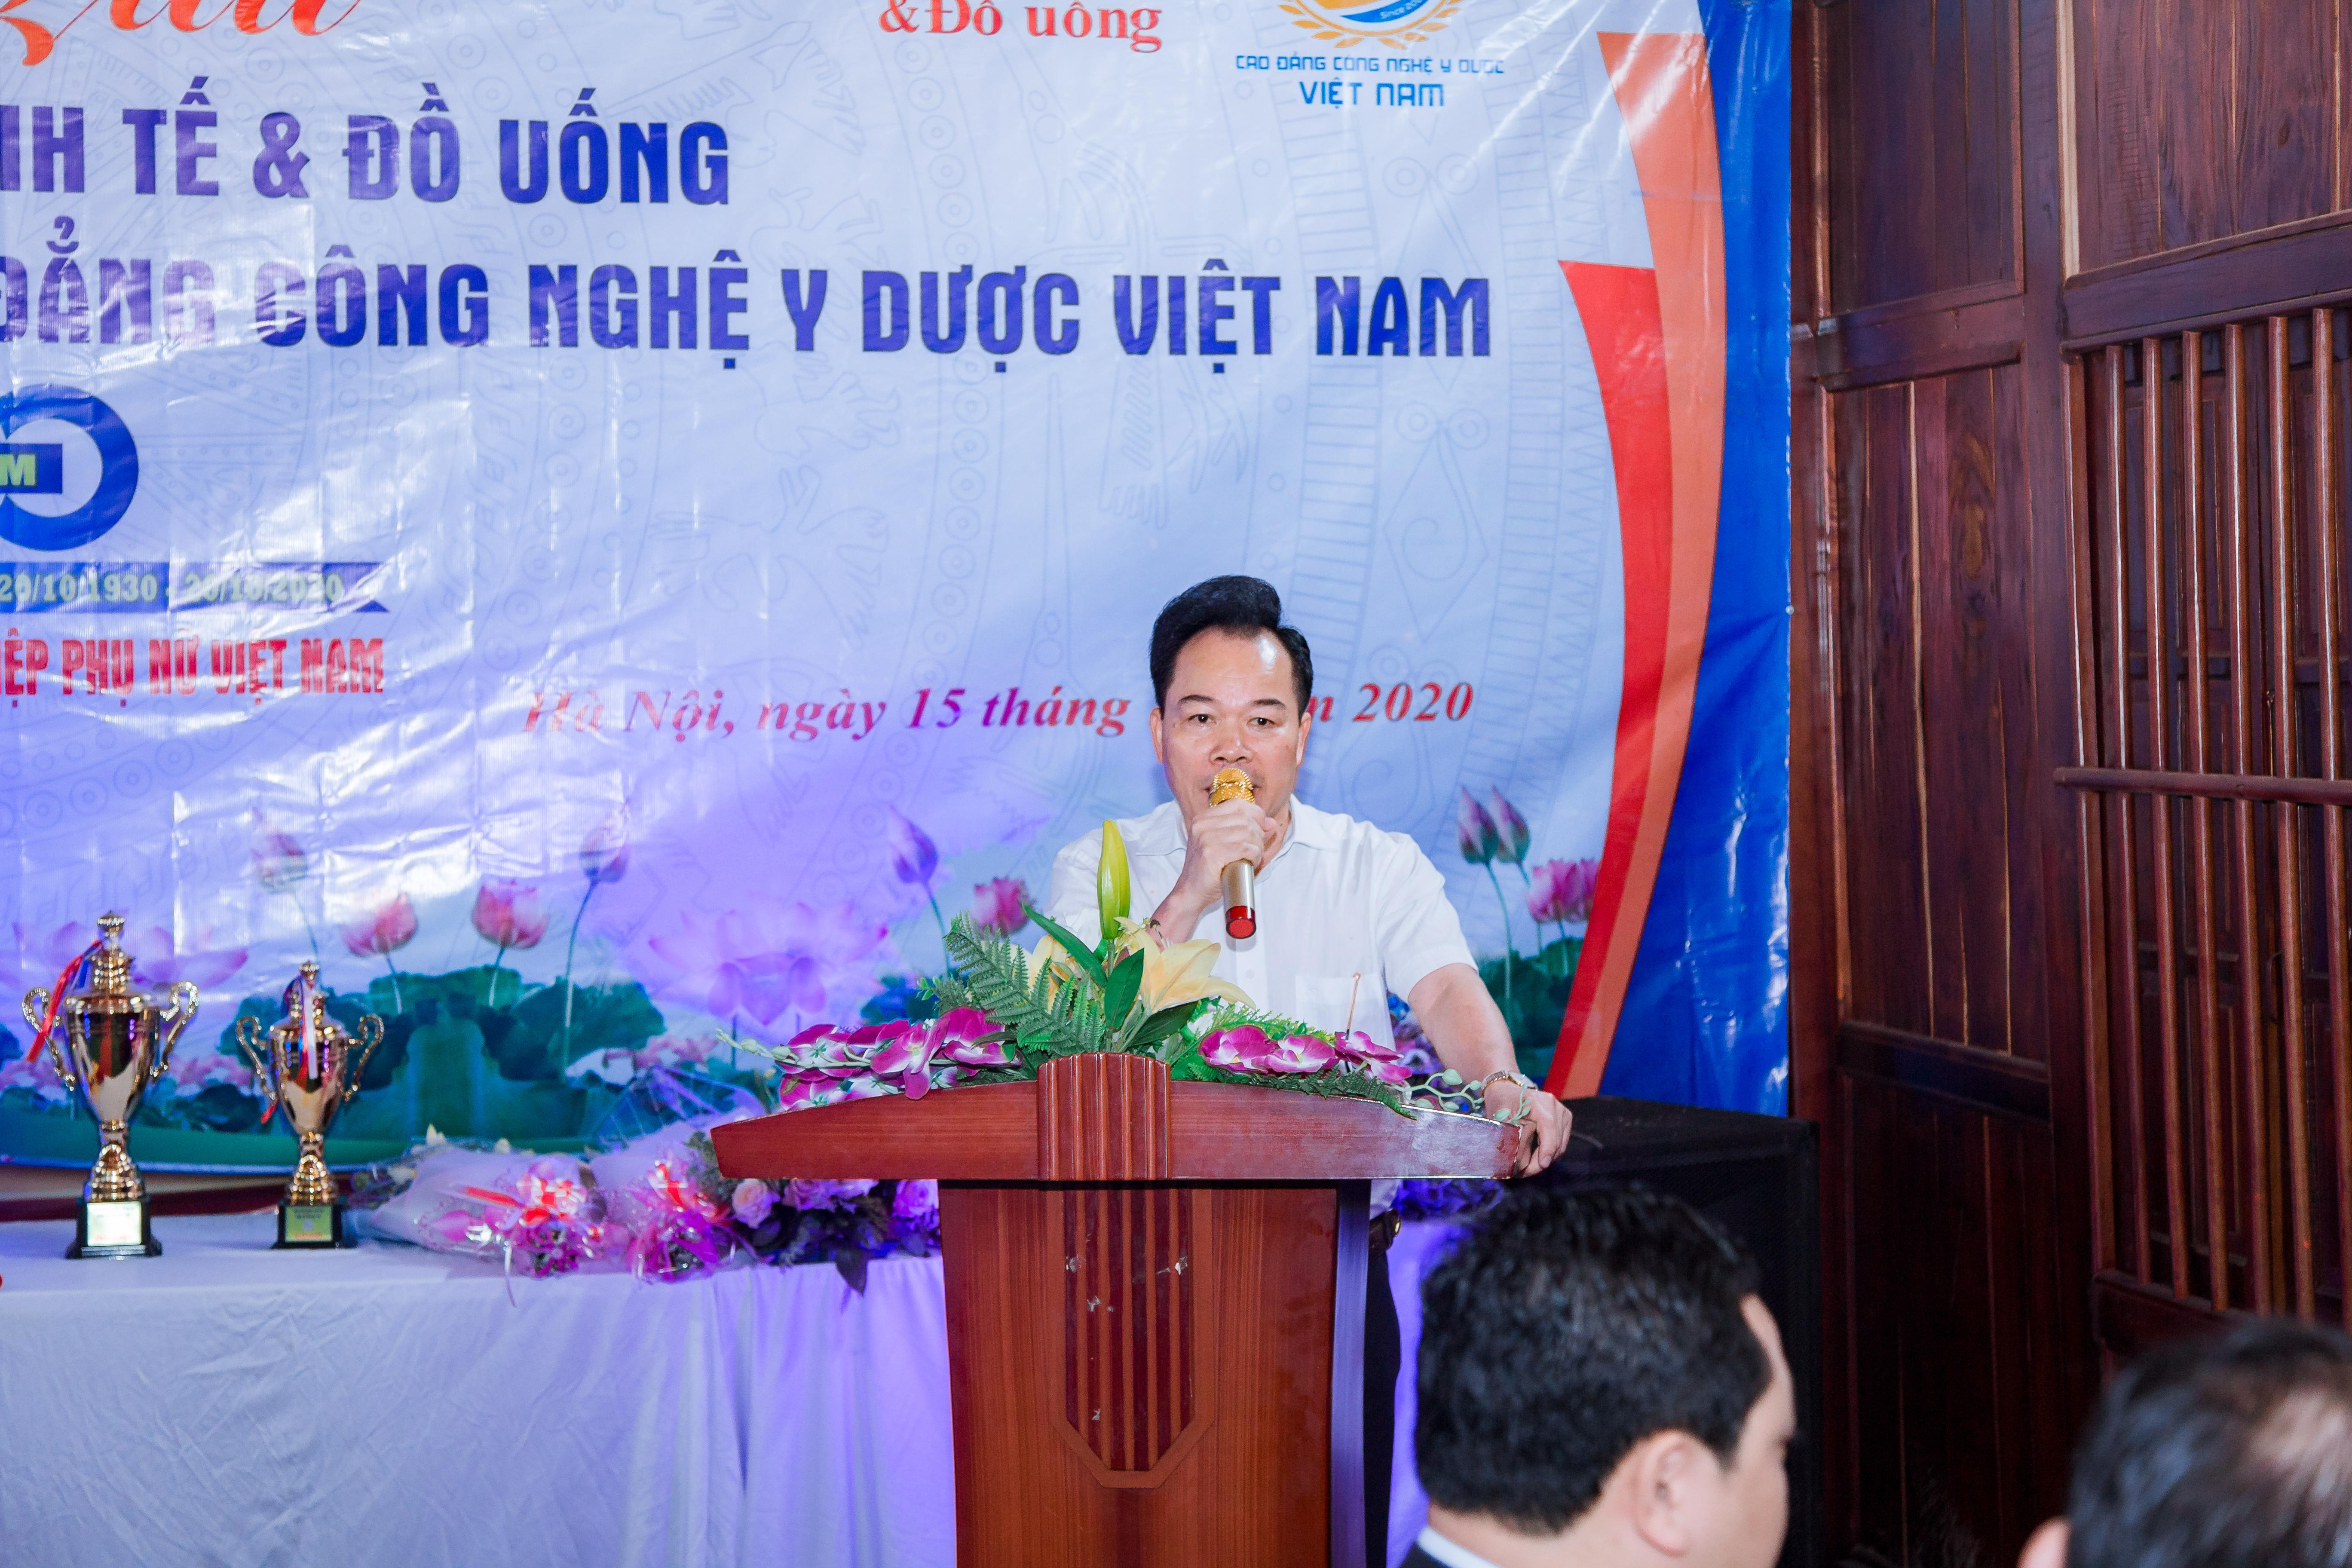 Tổng biên tập Nguyễn Quốc Hùng phát biểu tại buổi giao lưu